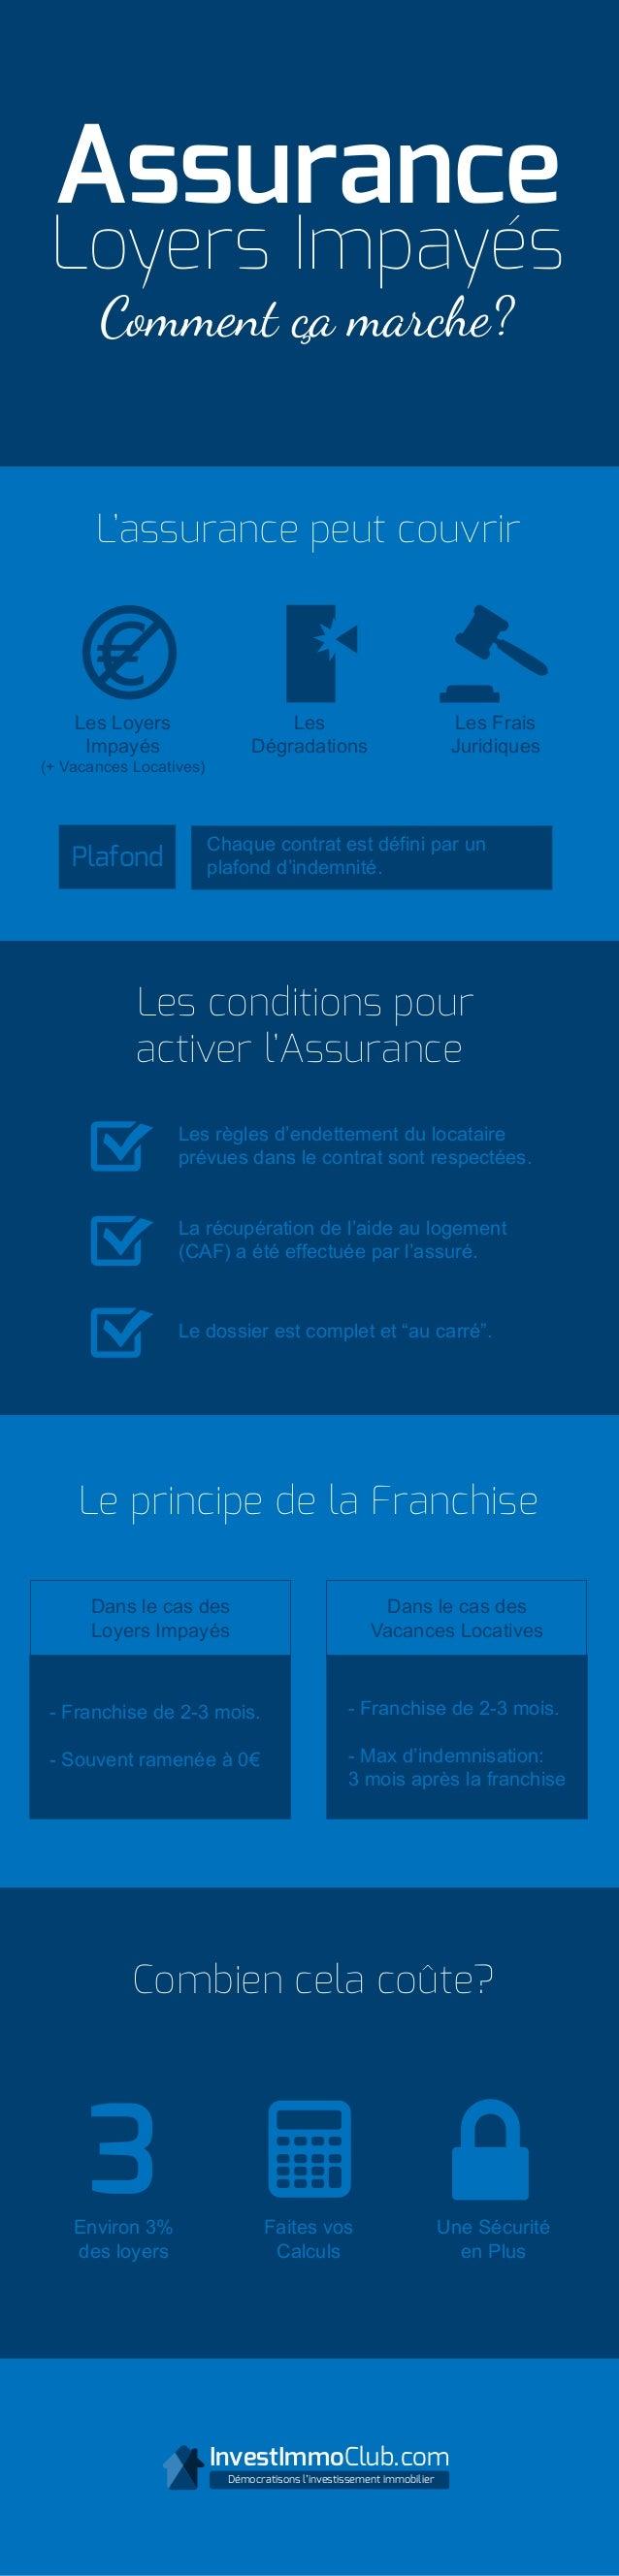 Assurance Loyers Impayés Comment ça marche? L'assurance peut couvrir Les Loyers Impayés (+ Vacances Locatives) Les Dégrada...